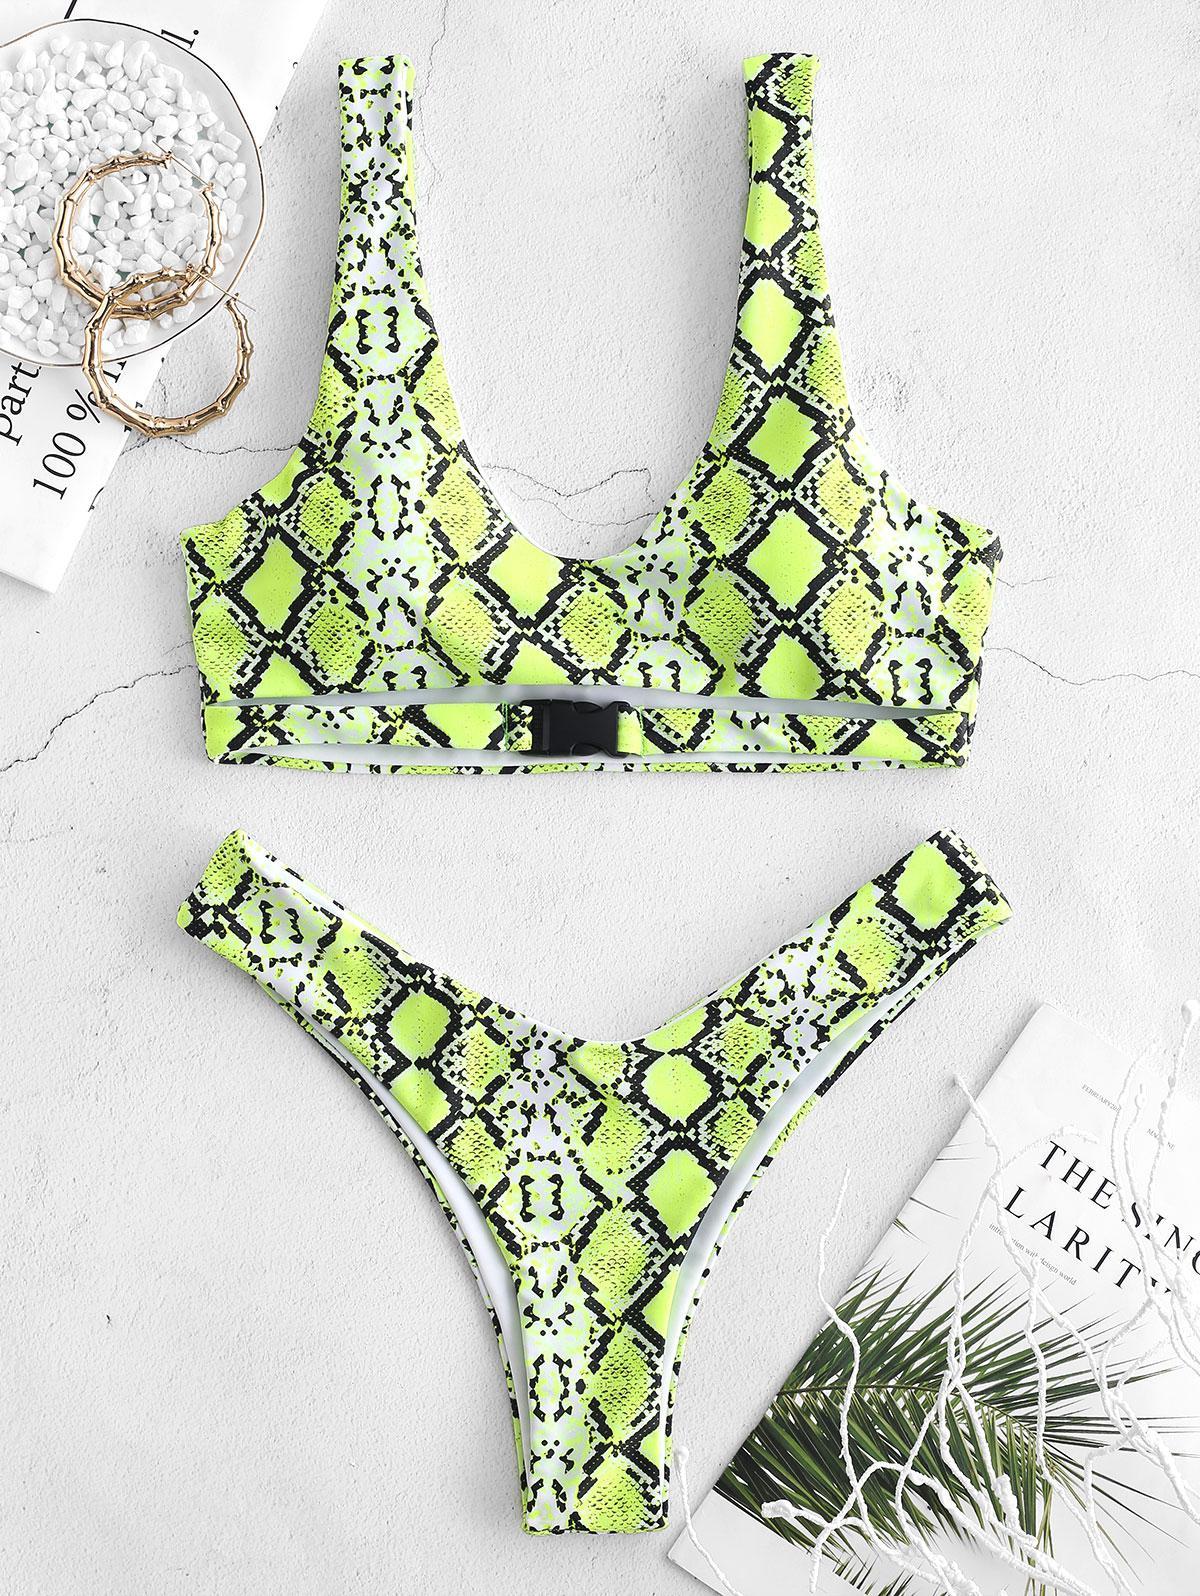 ZAFUL Snakeskin Animal Print Buckle Bikini Set, Multi-d